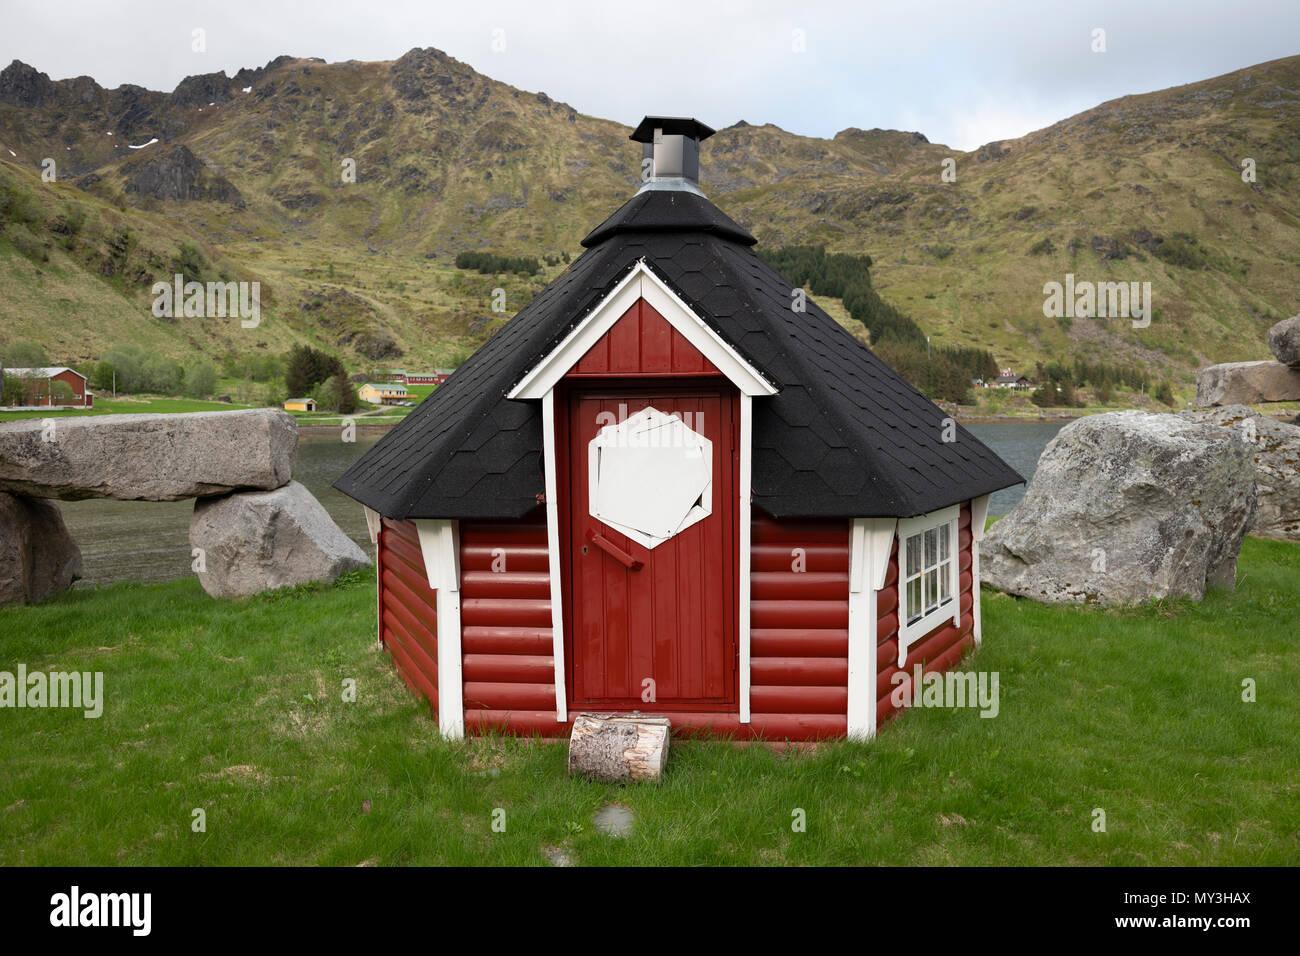 Sauna Im Freien sauna im freien in norwegen stockfoto, bild: 188778882 - alamy